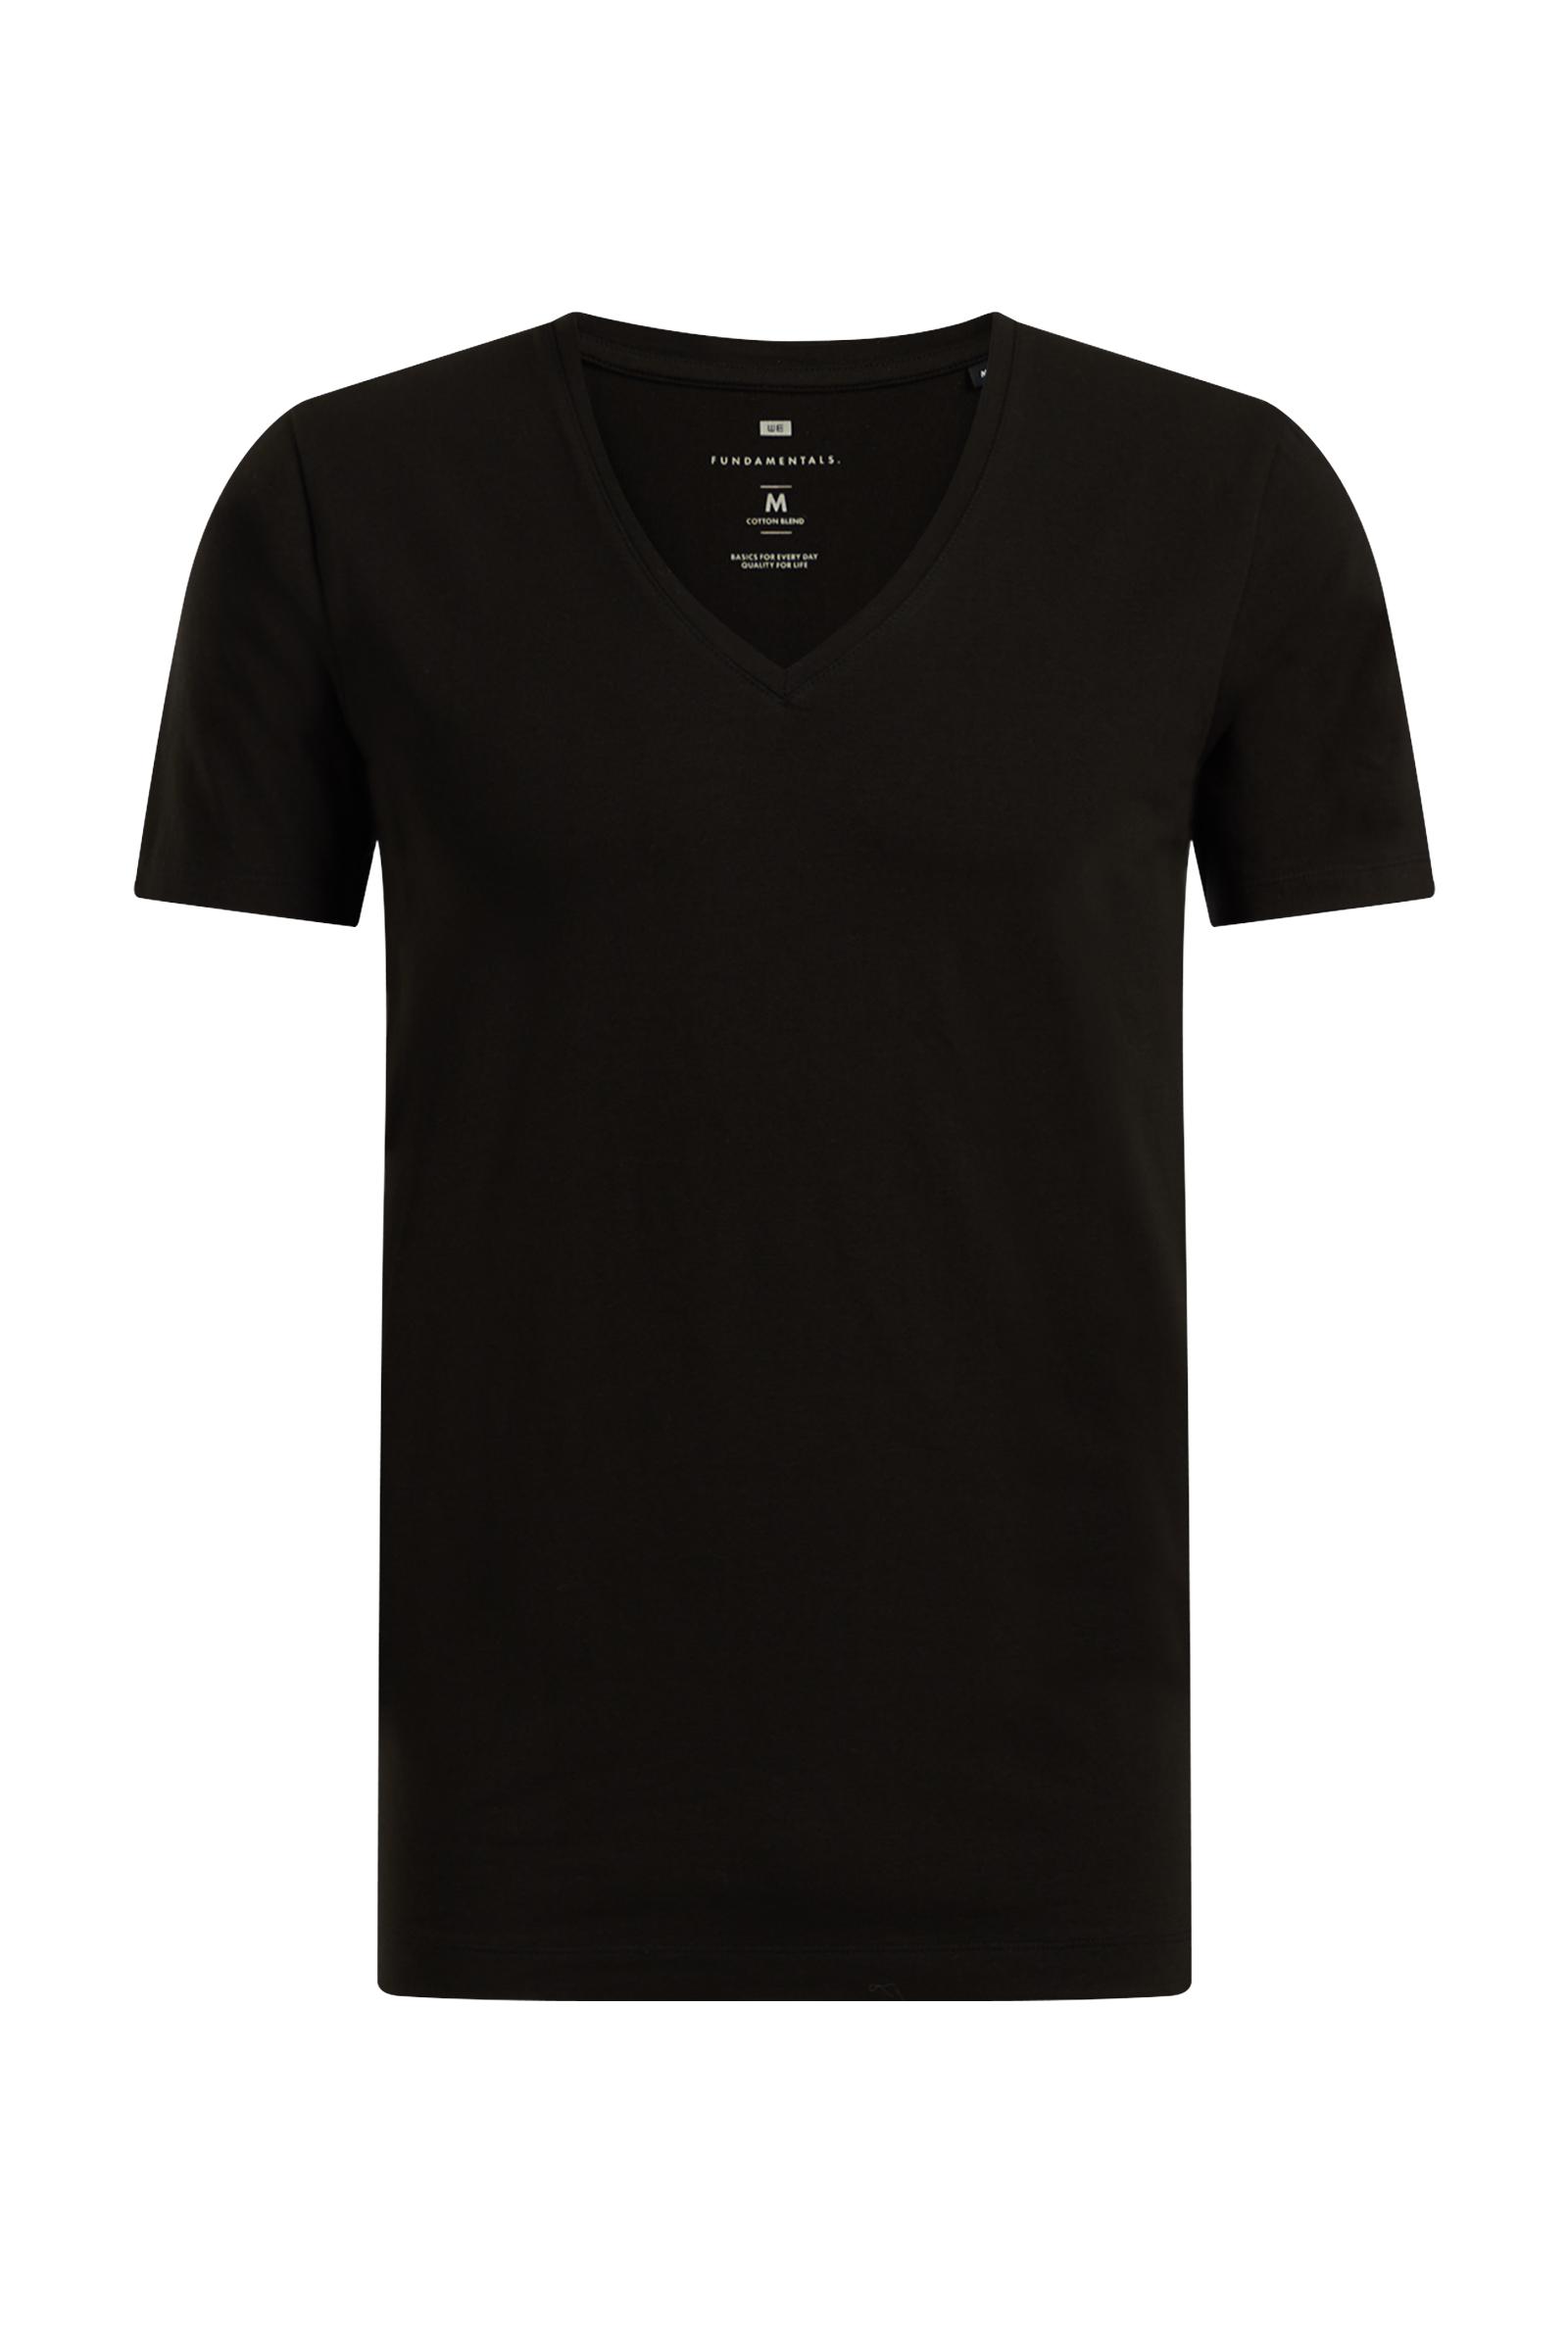 herren t shirt mit v ausschnitt 78835092 we fashion. Black Bedroom Furniture Sets. Home Design Ideas